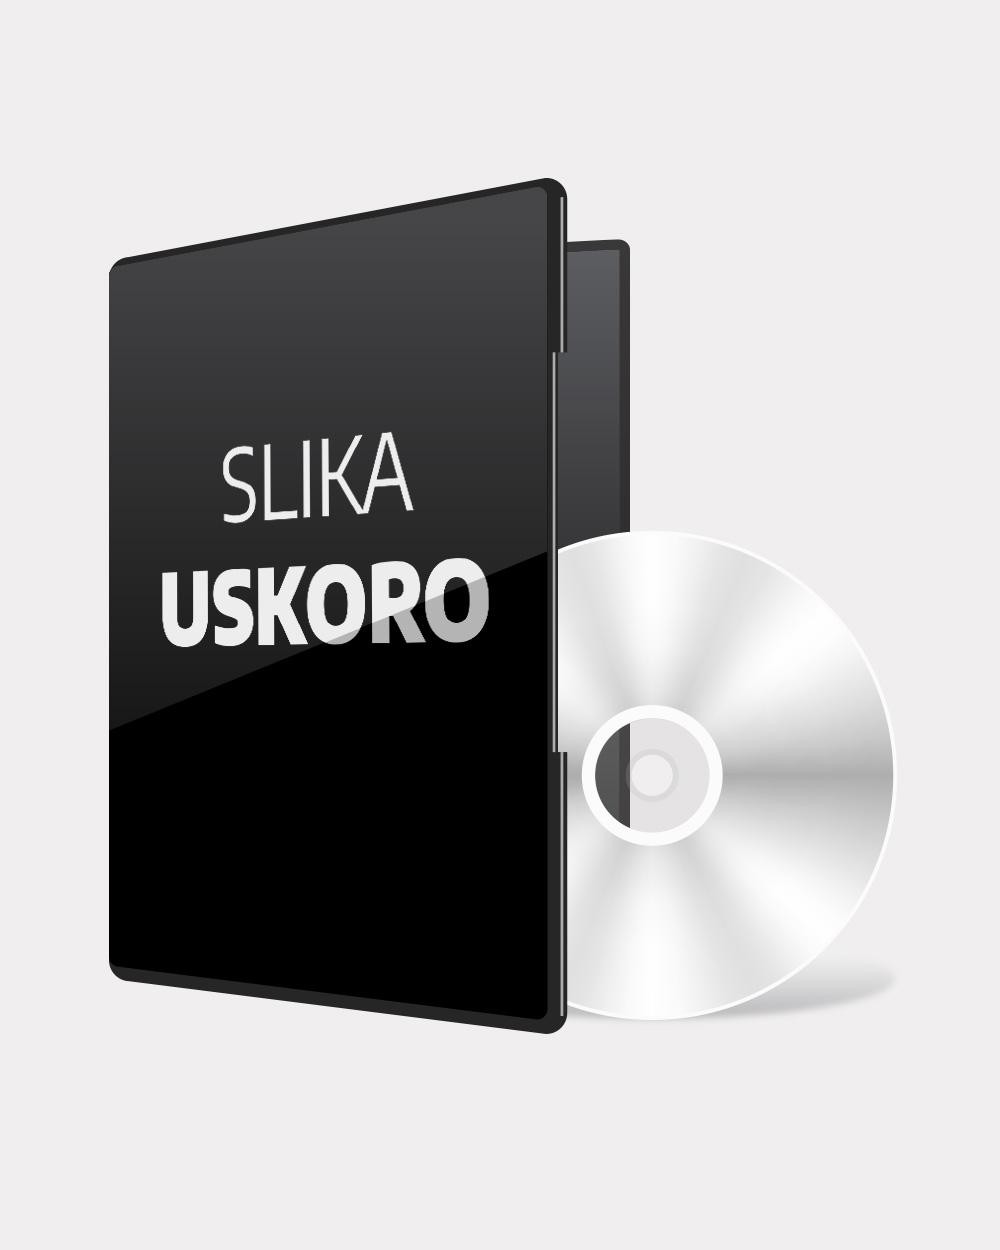 PS4 Arma Gallant - Decks of Destiny